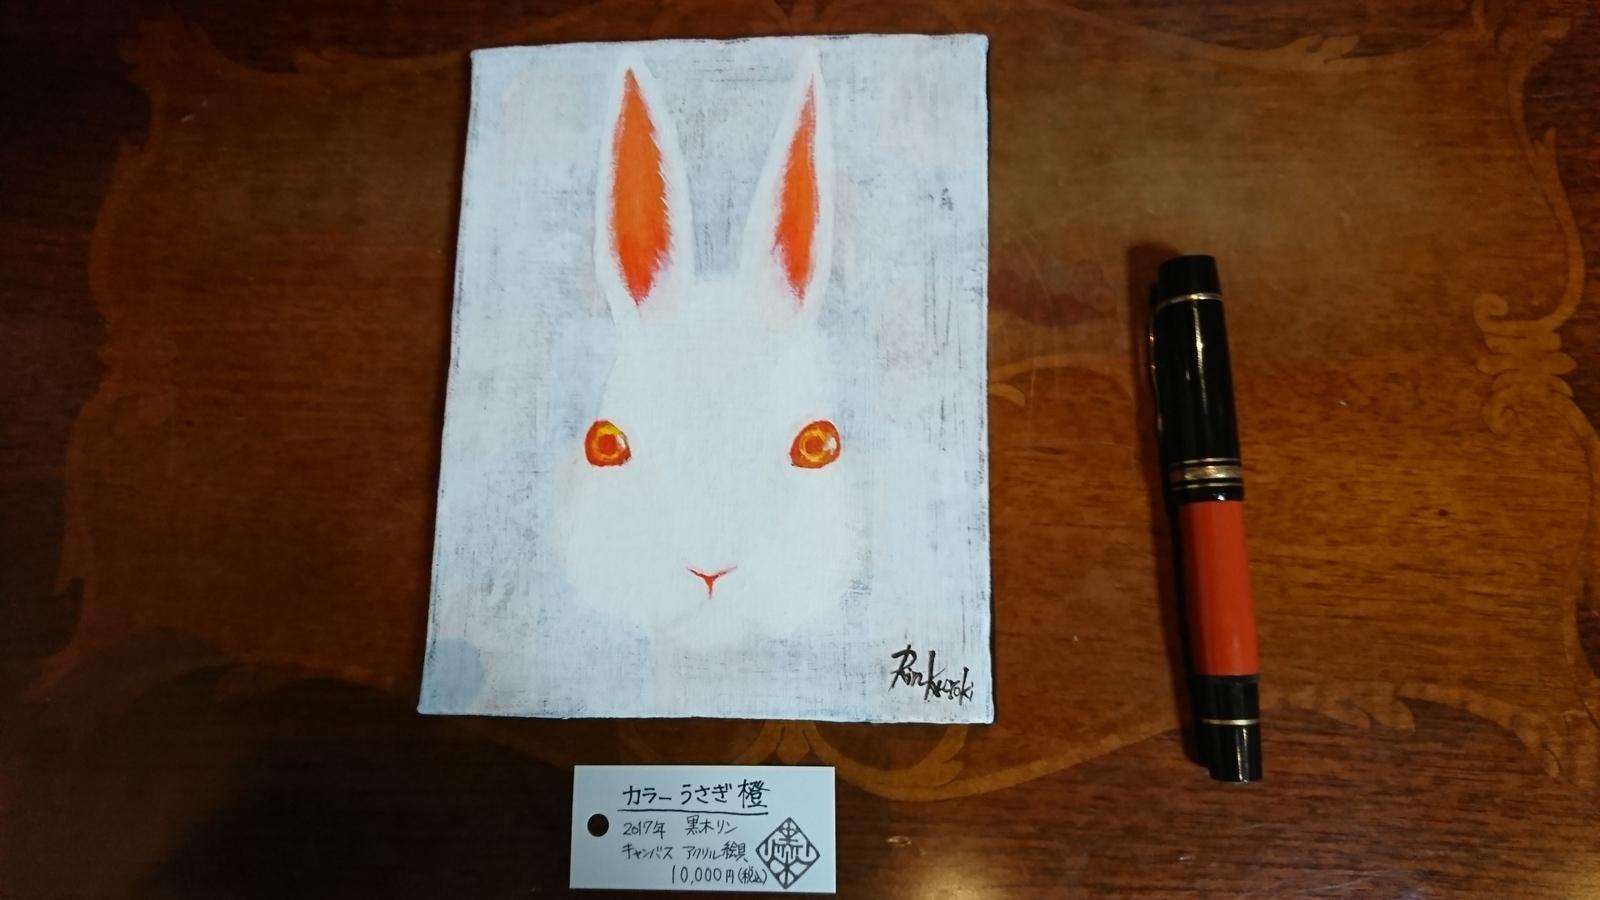 新潟気鋭の若手画家、黒木リンさんミニコーナー展開中。_e0046190_17235997.jpg